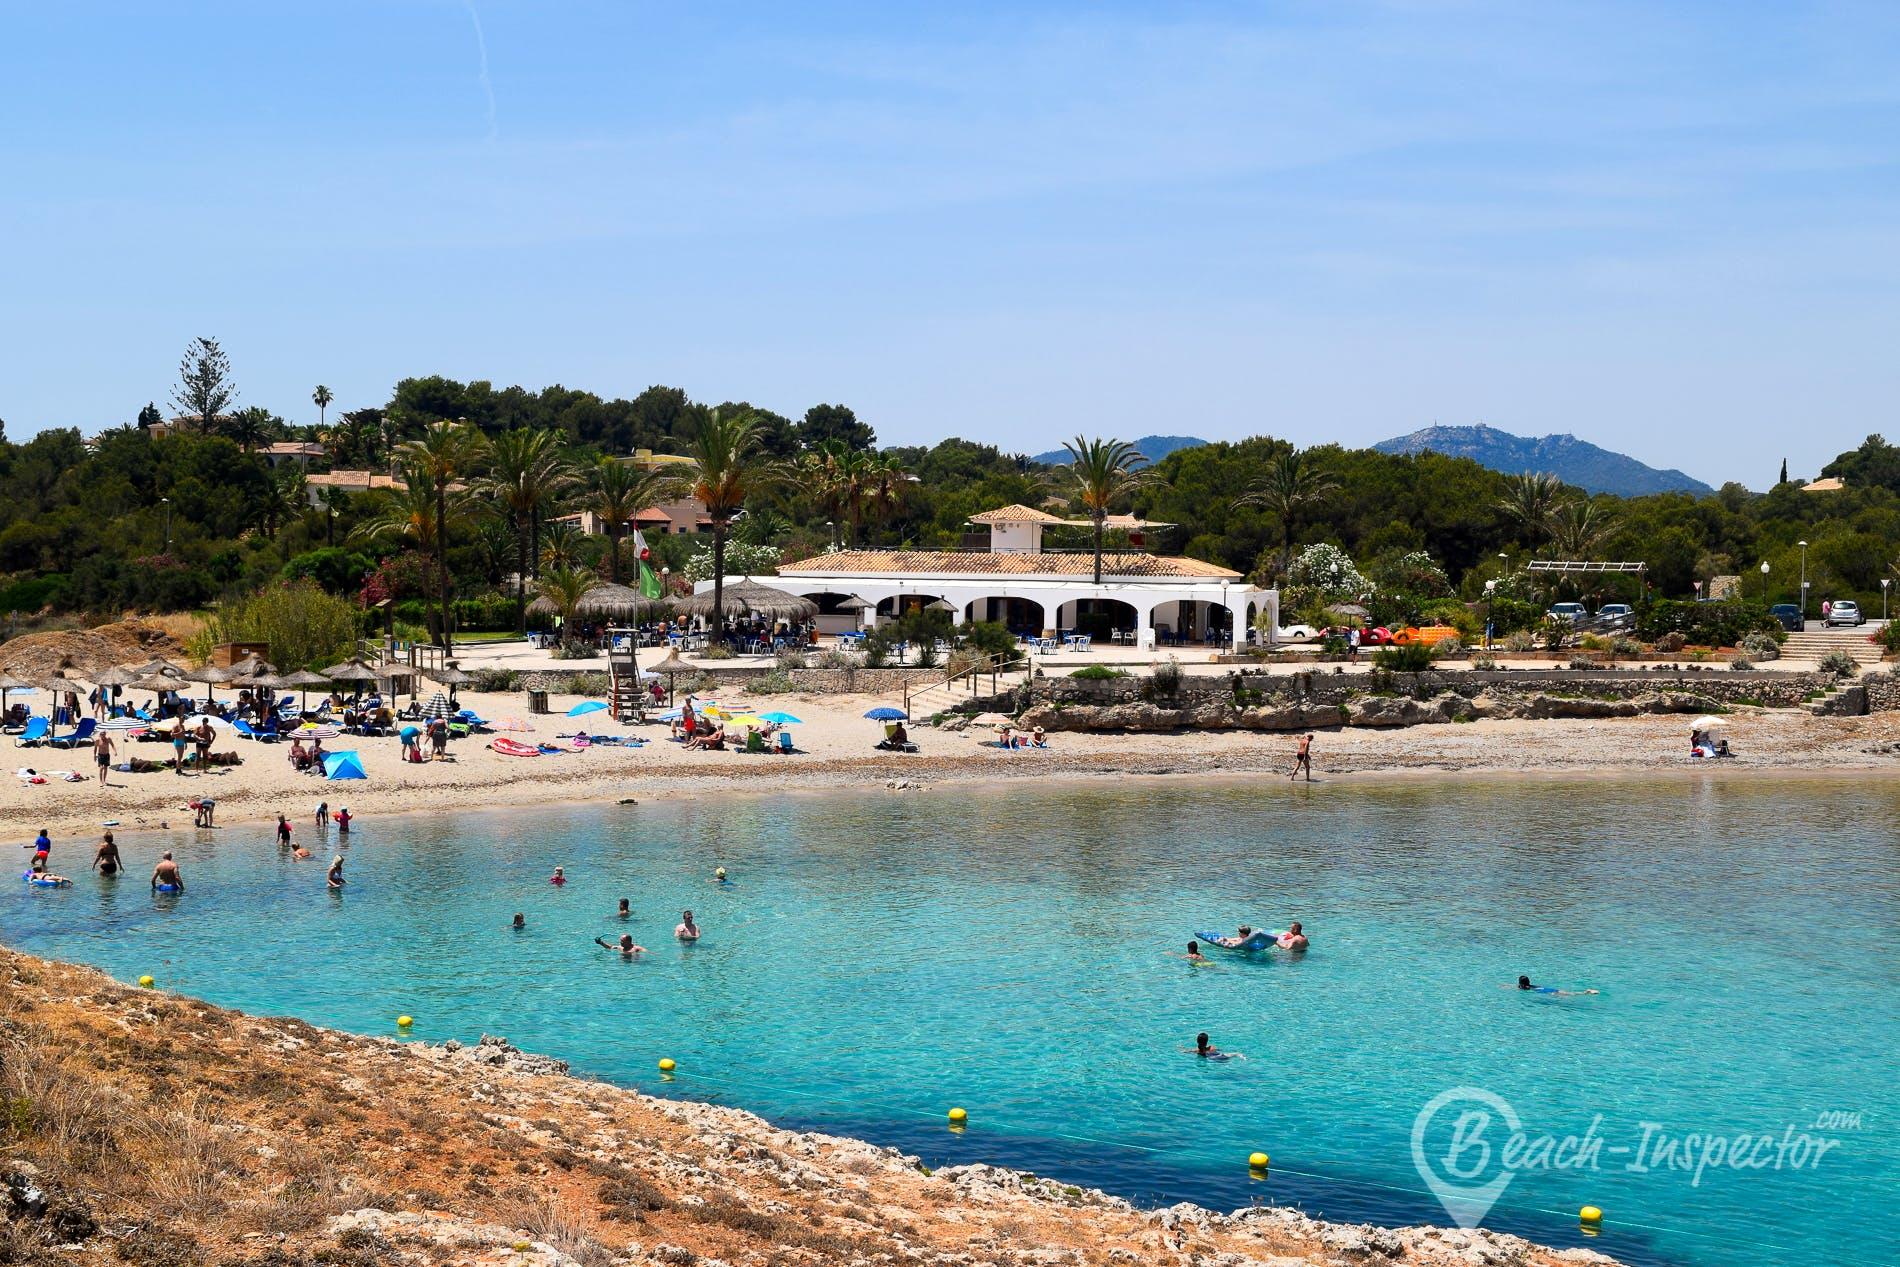 Beach Cala Murada, Majorca, Spain